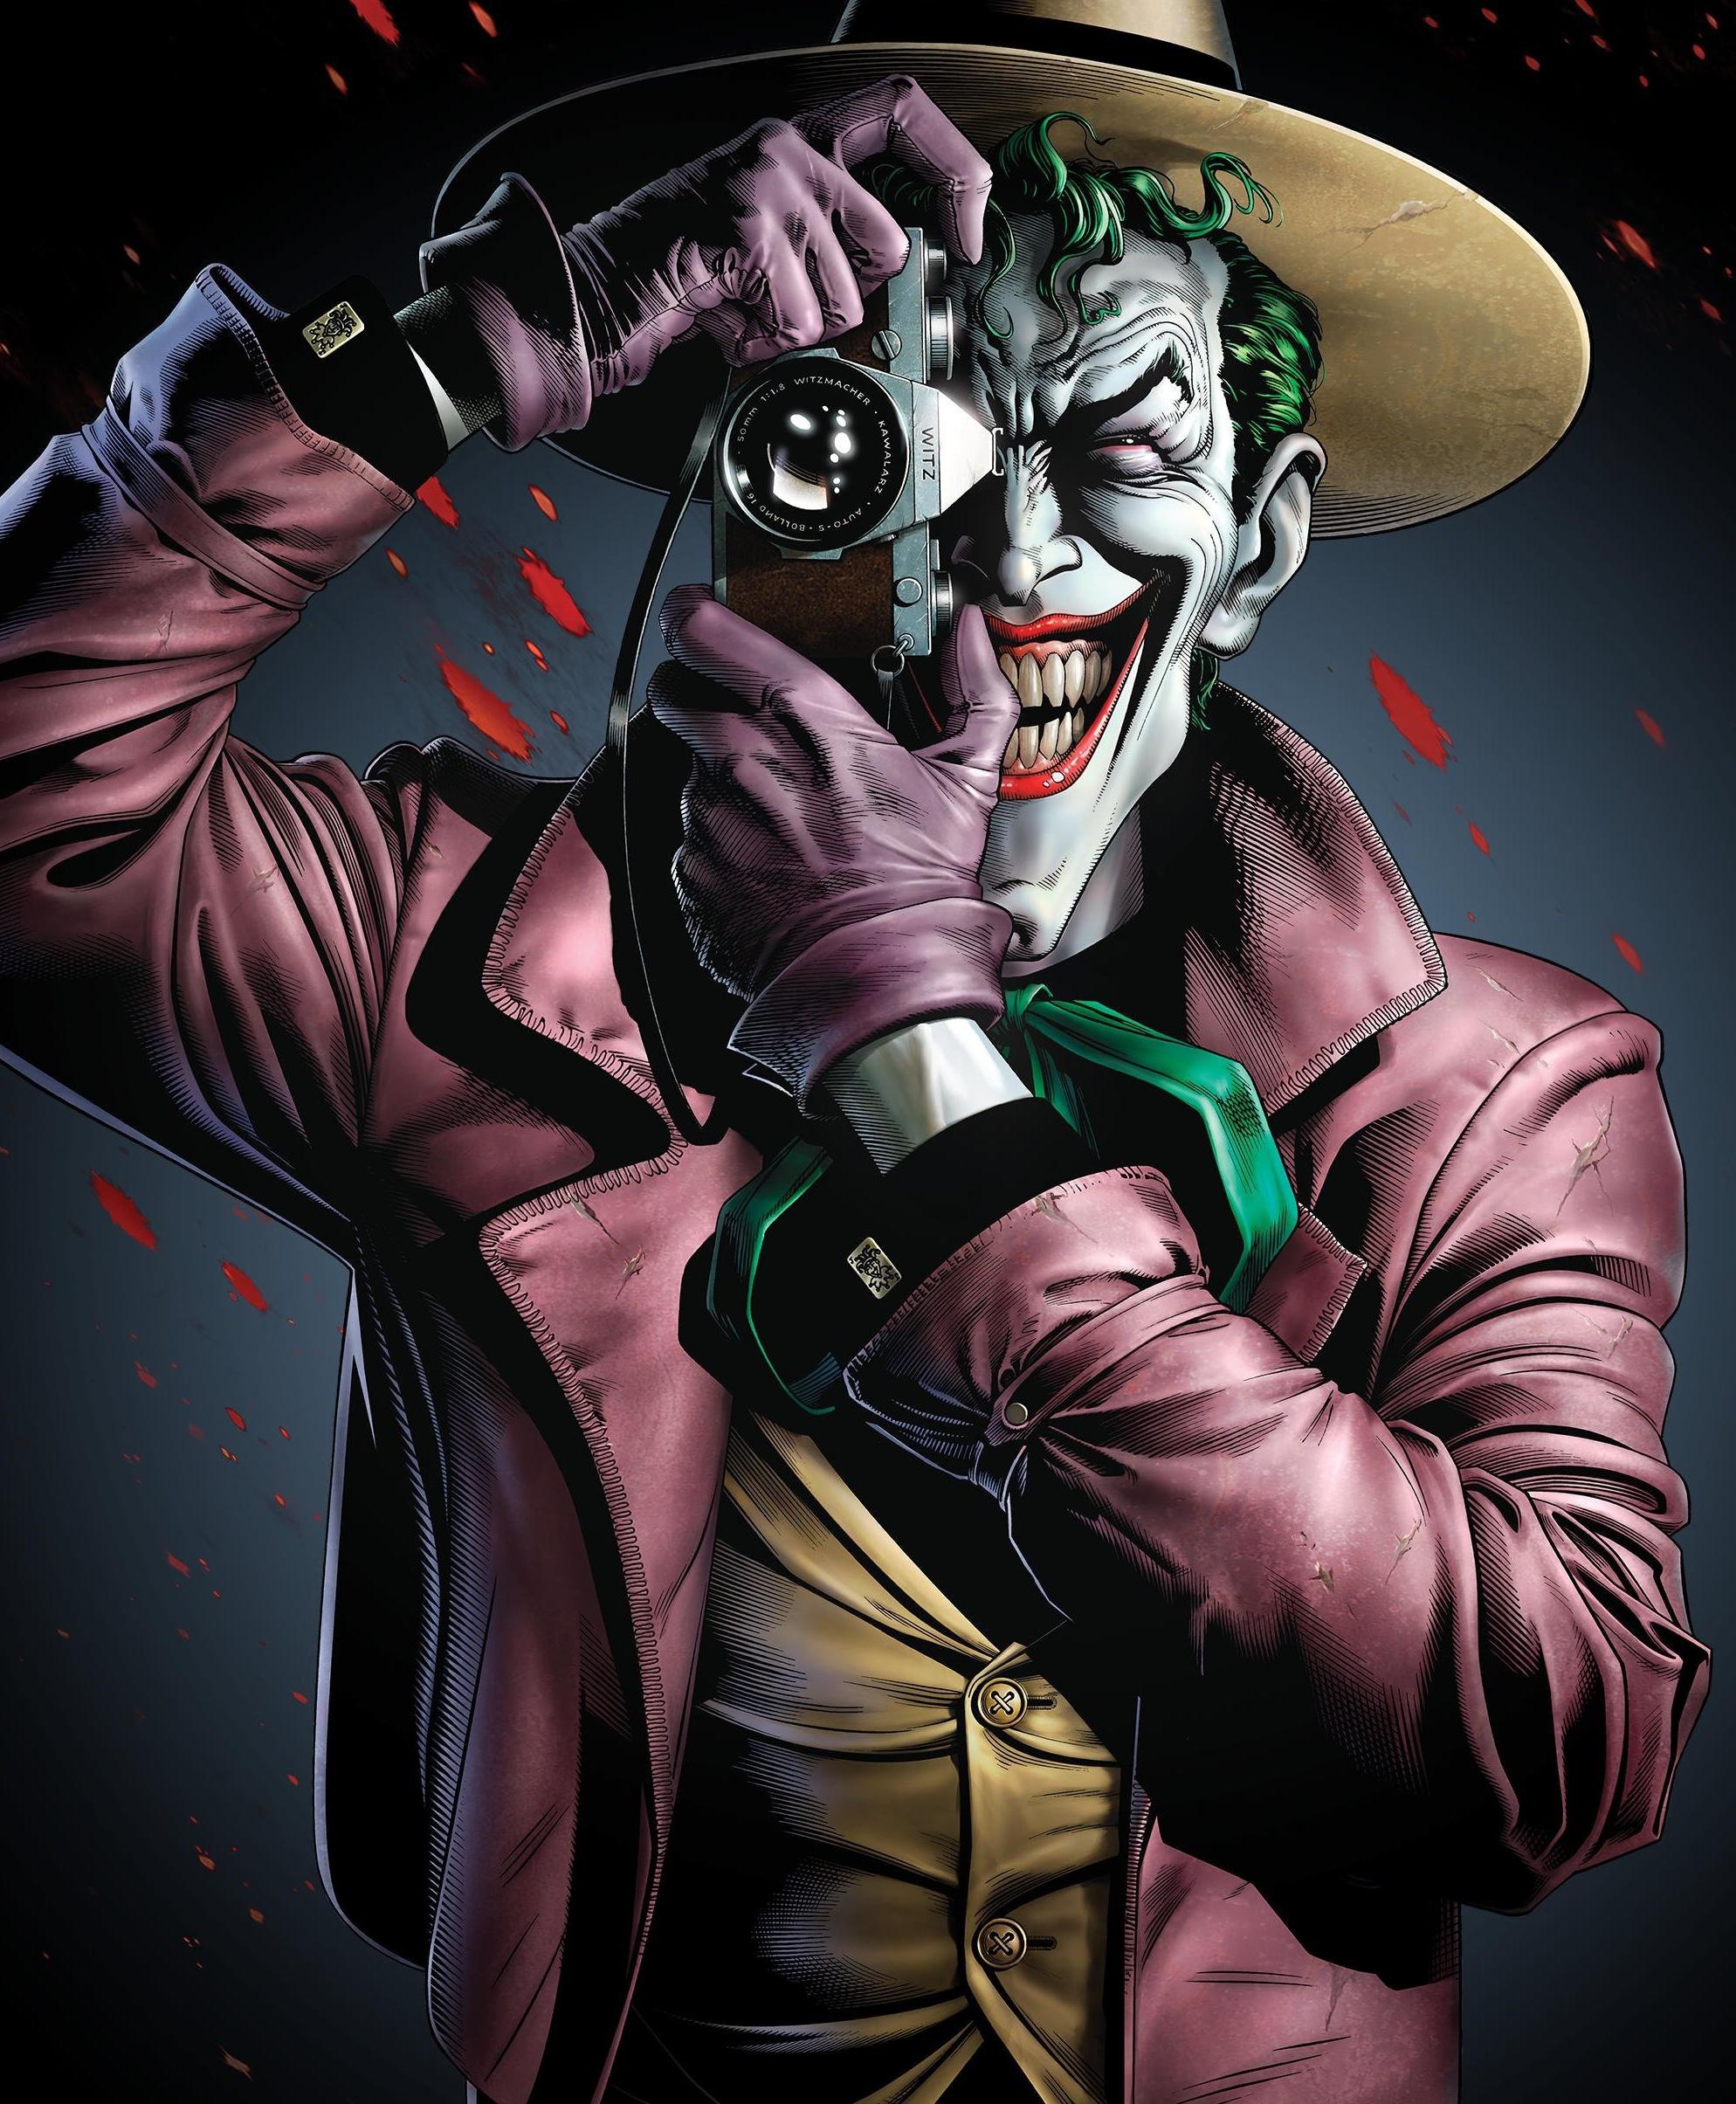 https://vignette.wikia.nocookie.net/villains/images/d/dc/Batman_The_Killing_Joke.png/revision/latest?cb=20180608223845